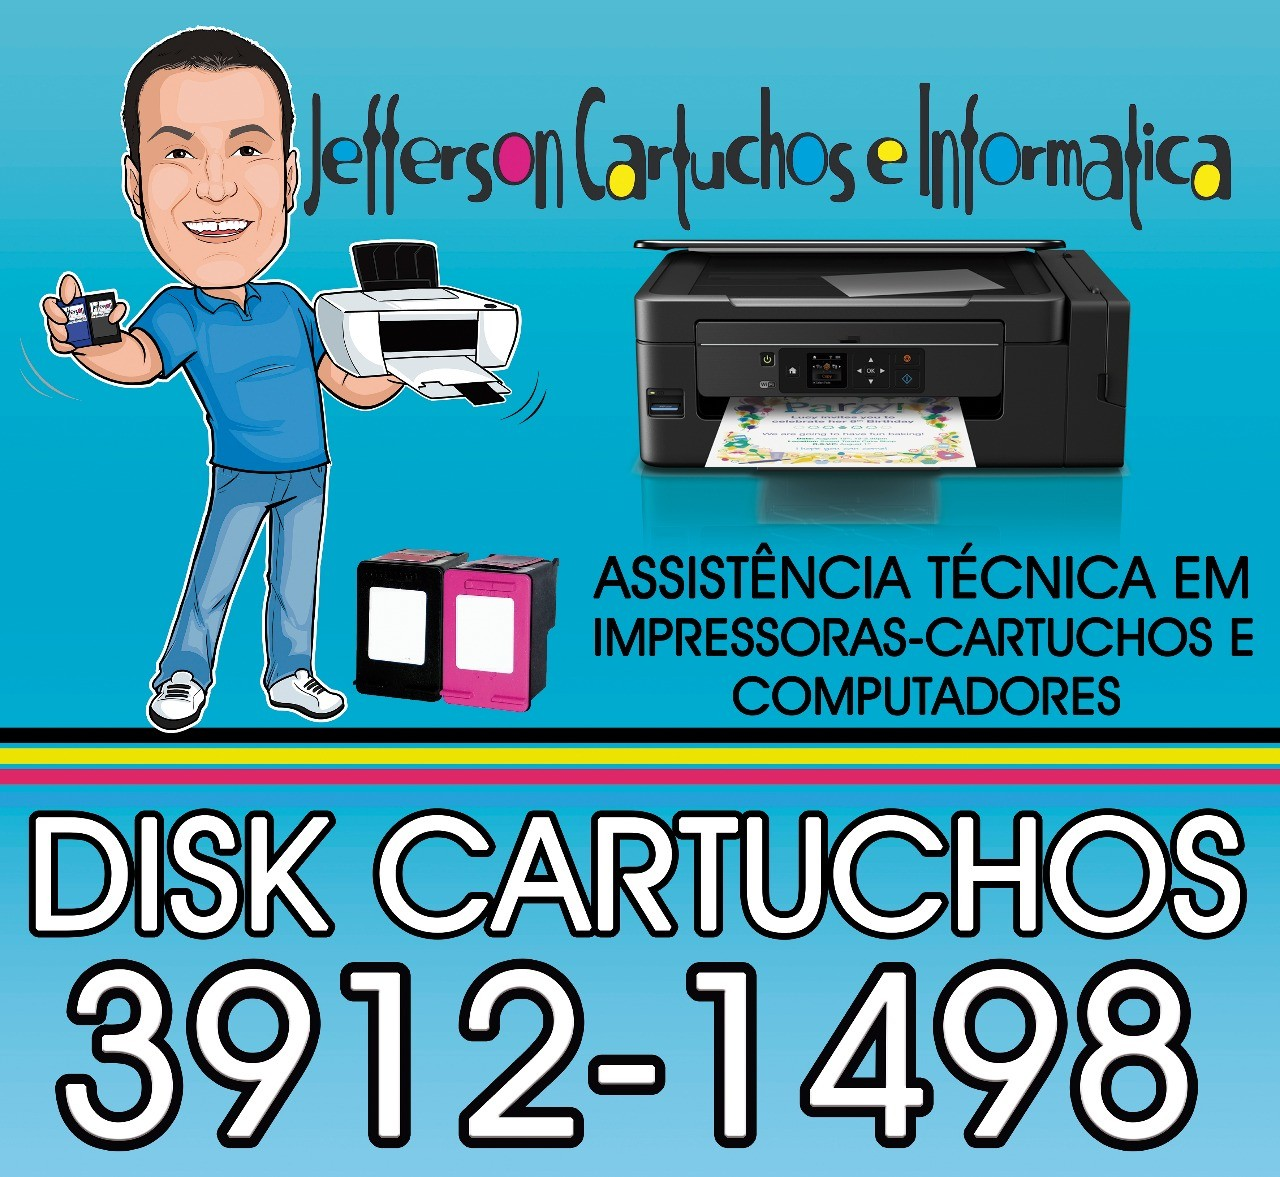 Recarga de cartucho Conj. Res. Galo Branco, São José dos Campos - SP, 12247-500 (12) 3912-1498 Watts (12) 98854-4886